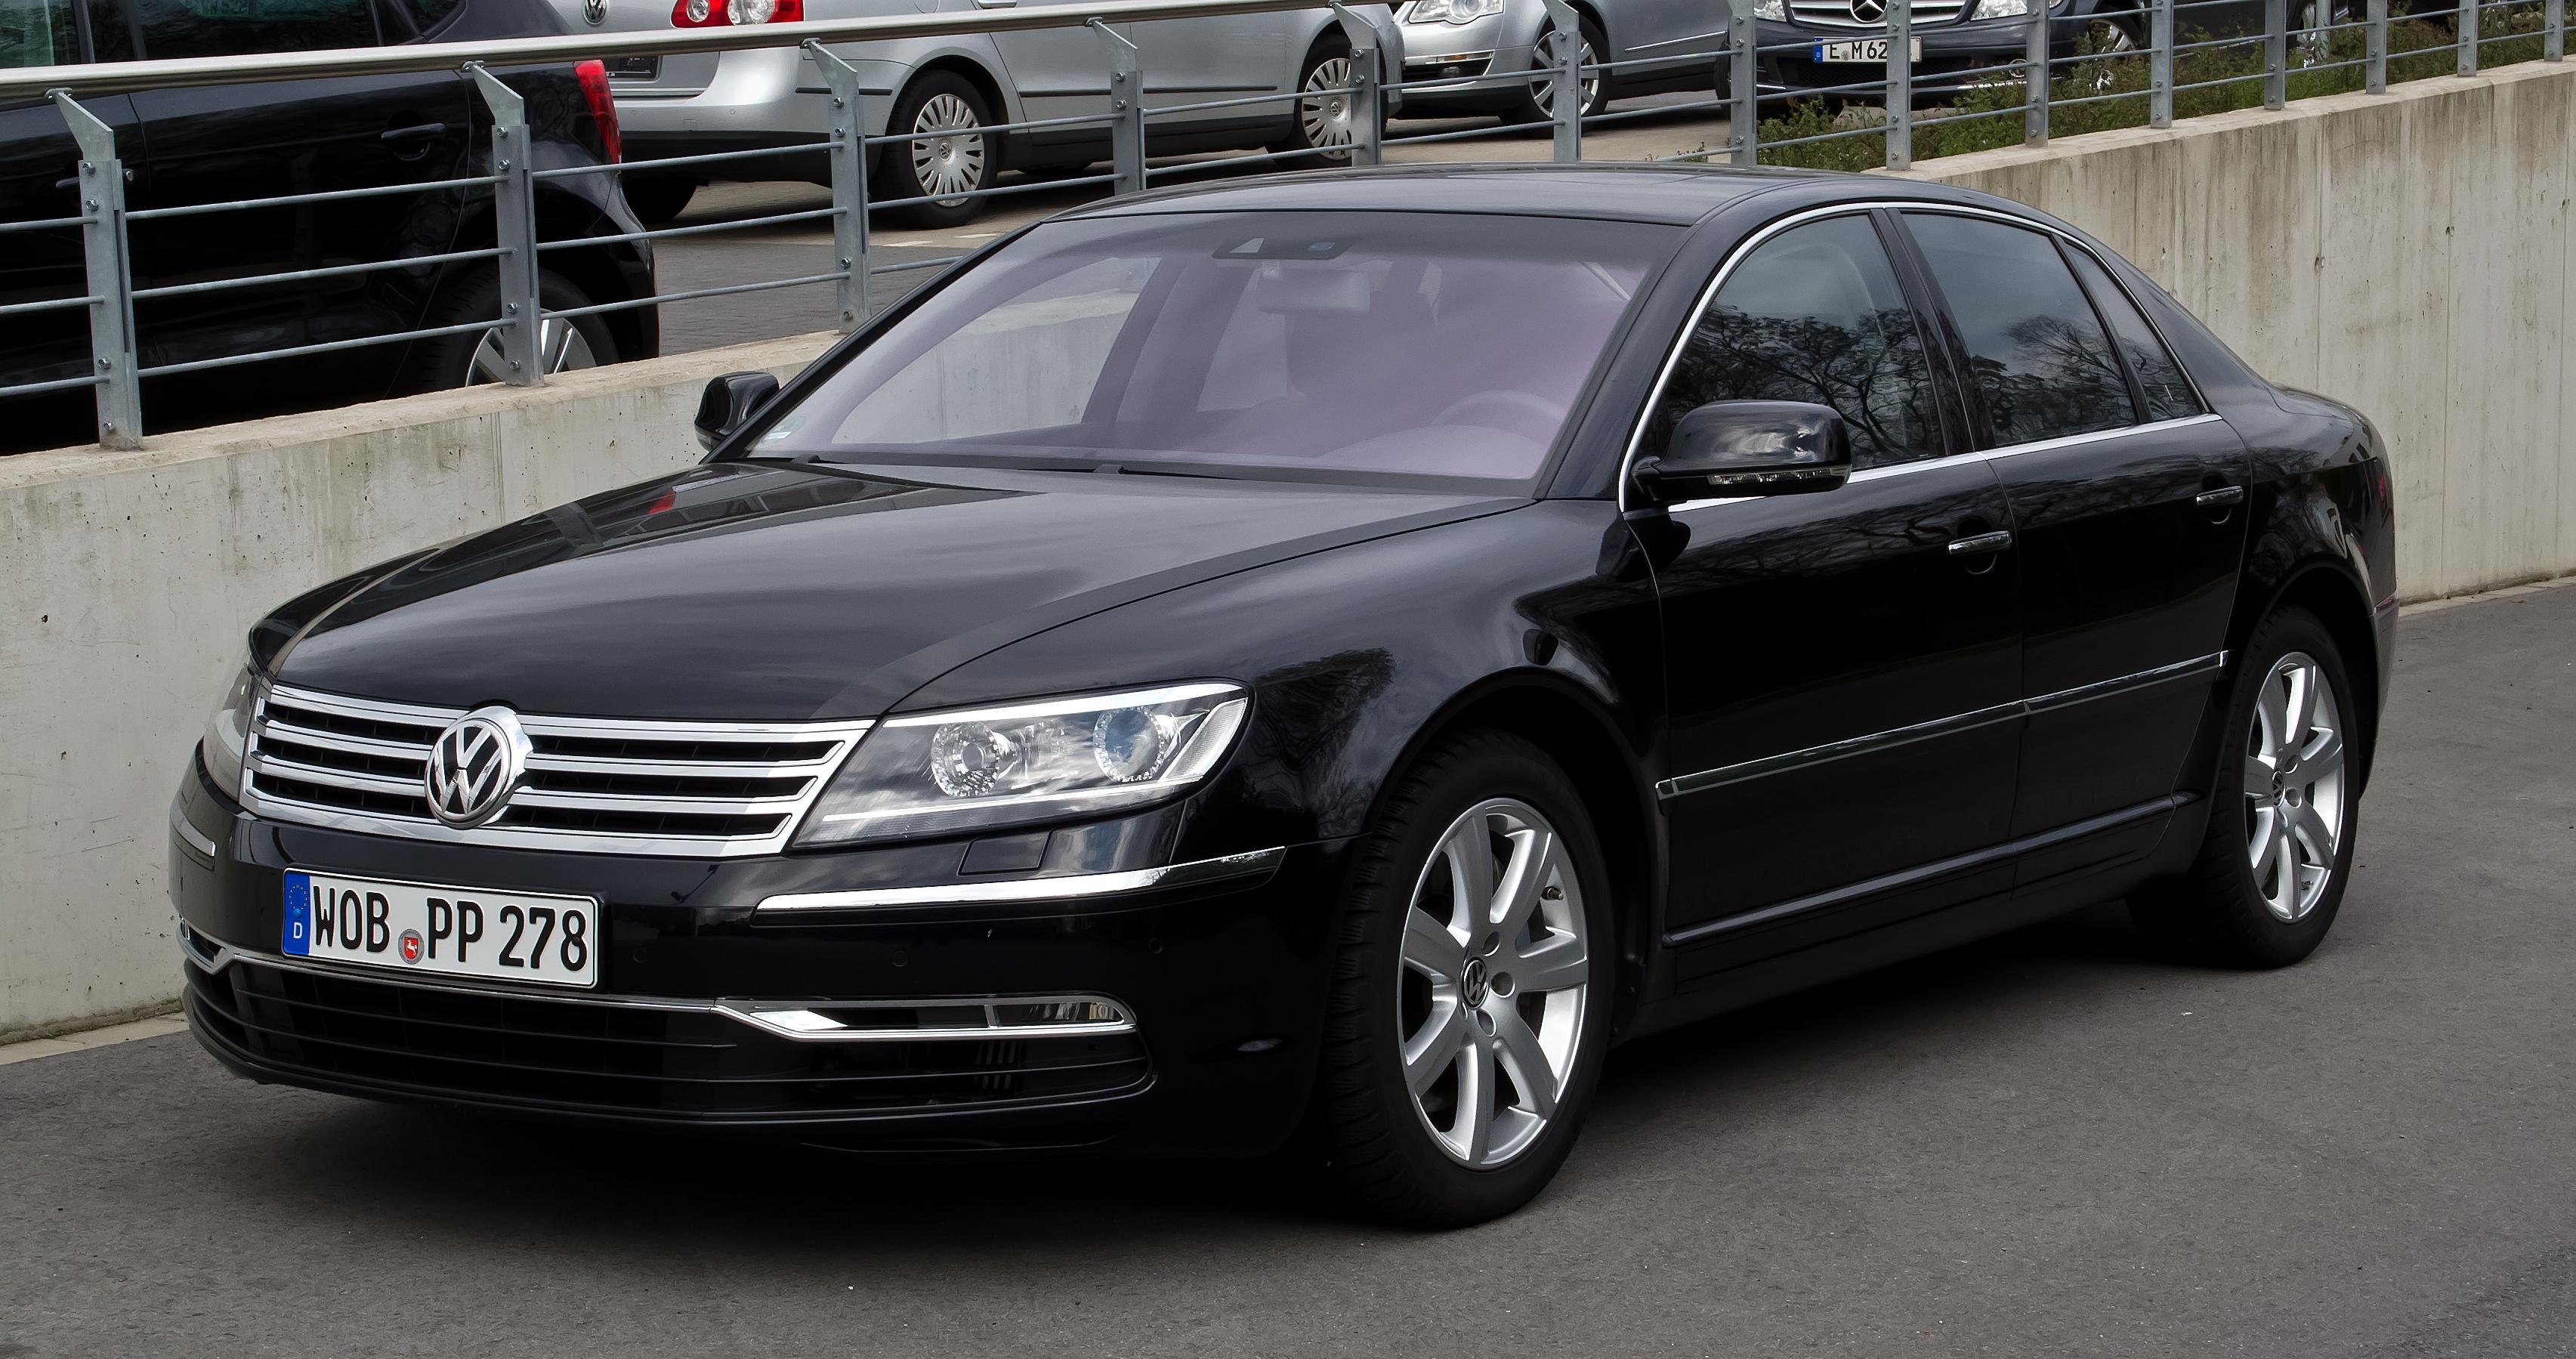 VW_Phaeton_3_0_V6_TDI_4MOTION_(2__Facelift)_–_Frontansicht,_1__April_2012,_Essen